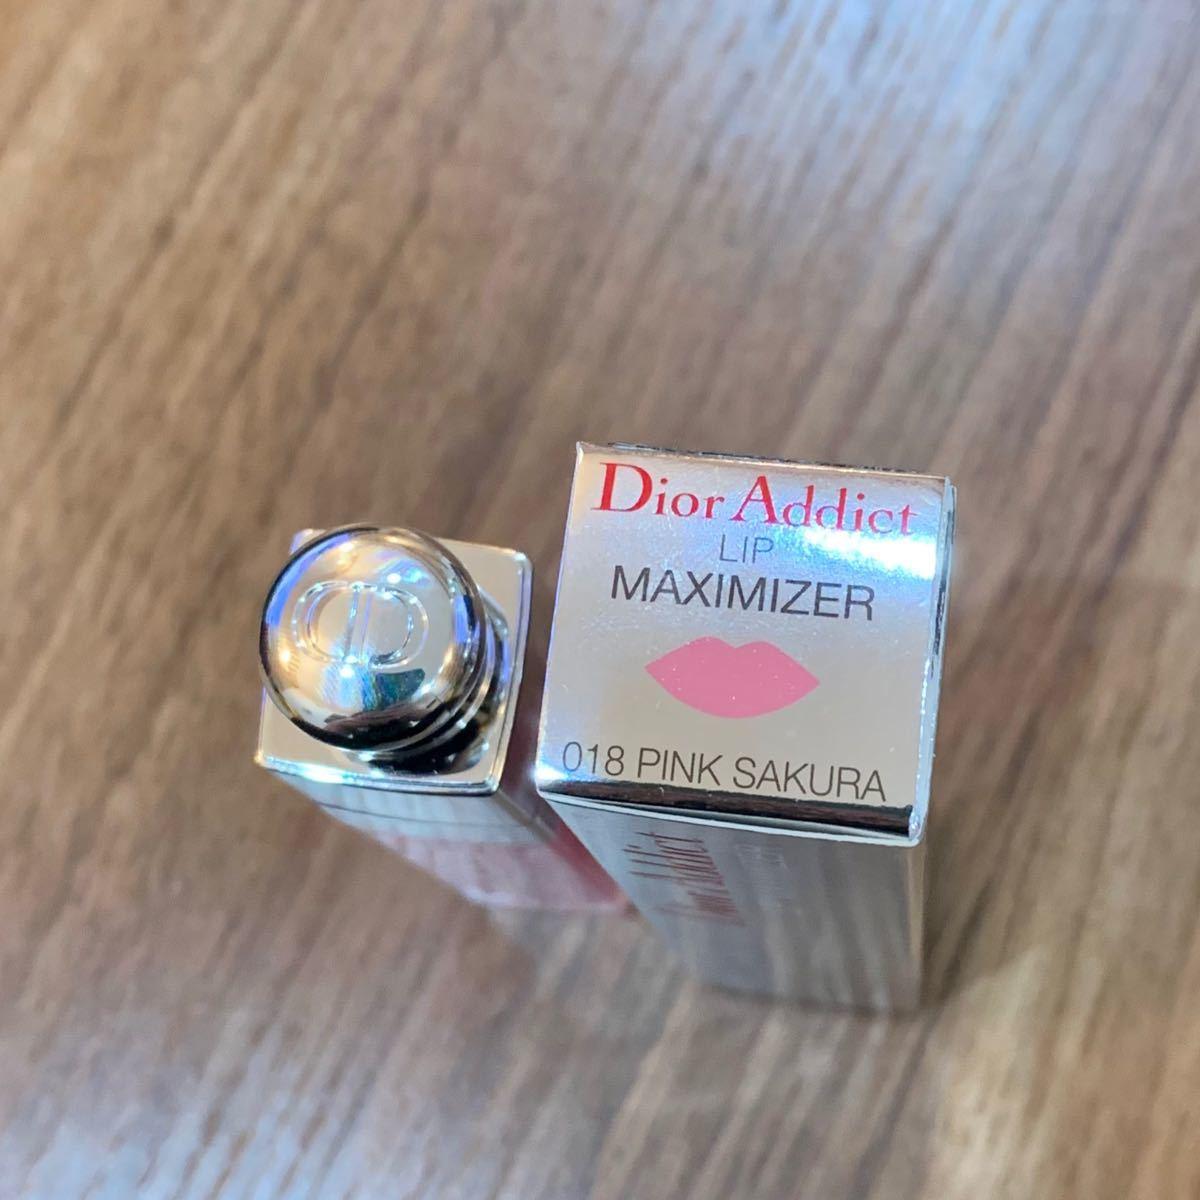 Dior ディオール アディクト リップマキシマイザー018 PINK SAKURA(ピンクサクラ)